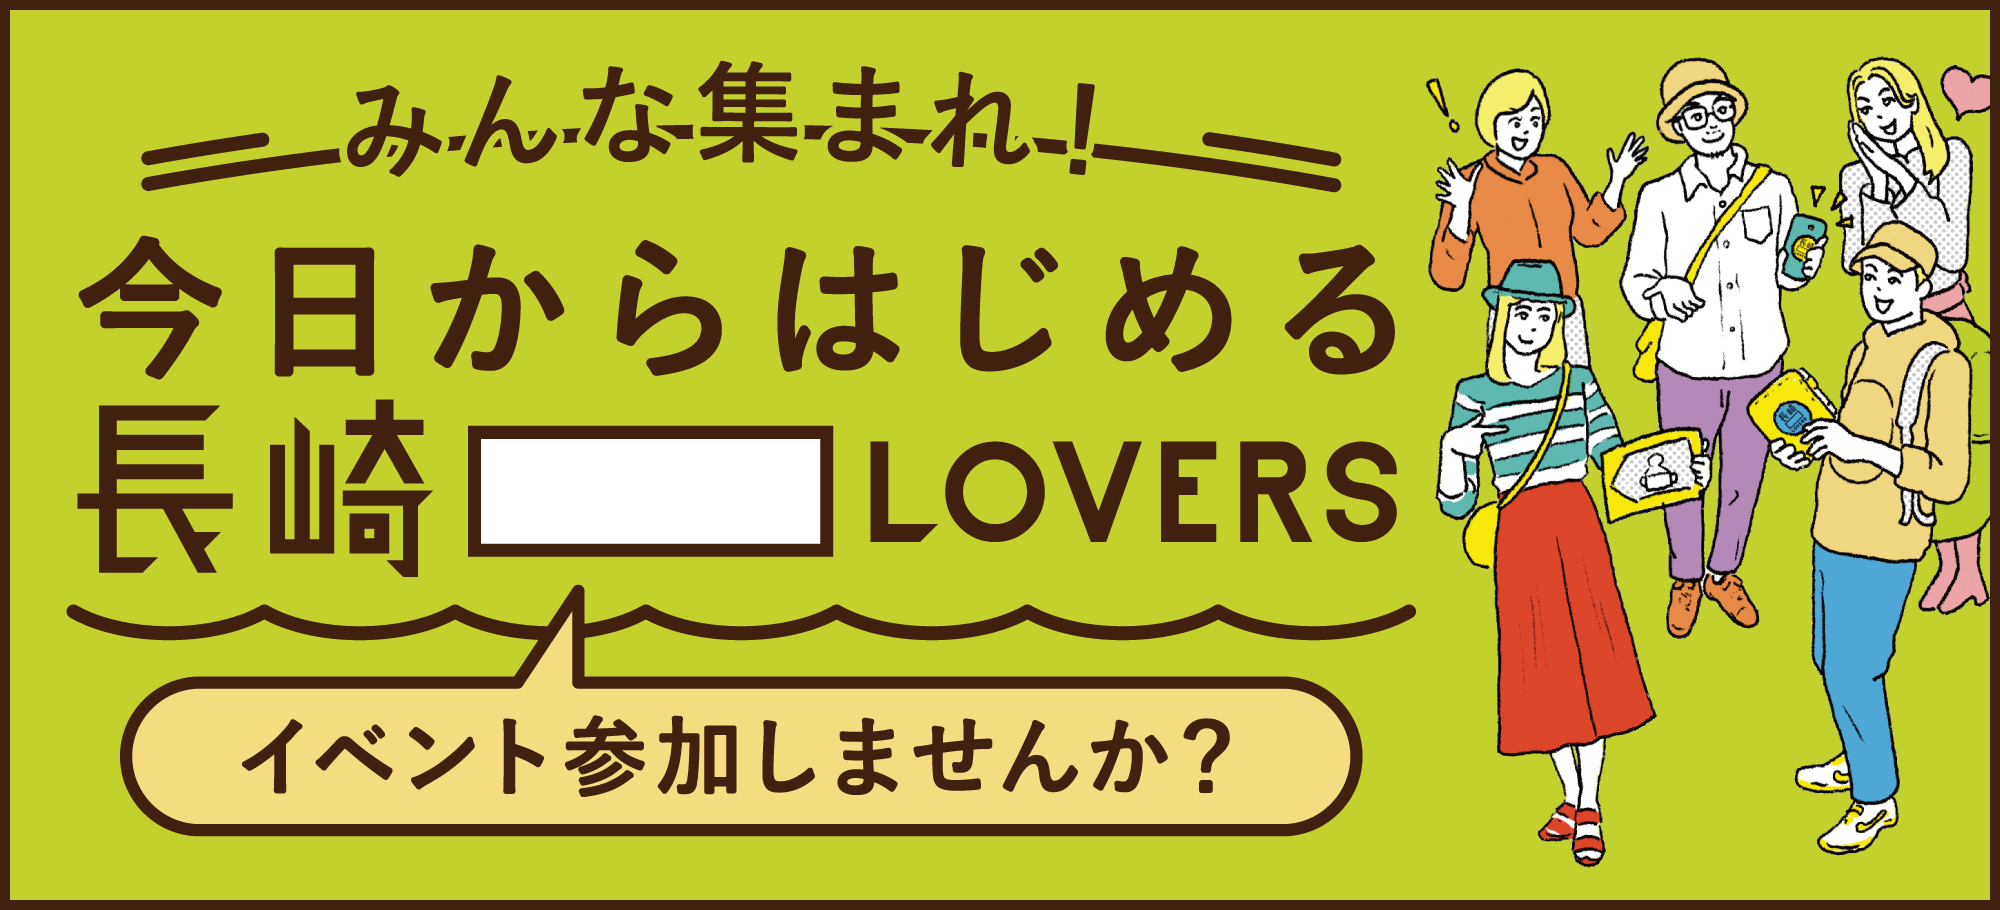 今日からはじめる長崎LOVERS